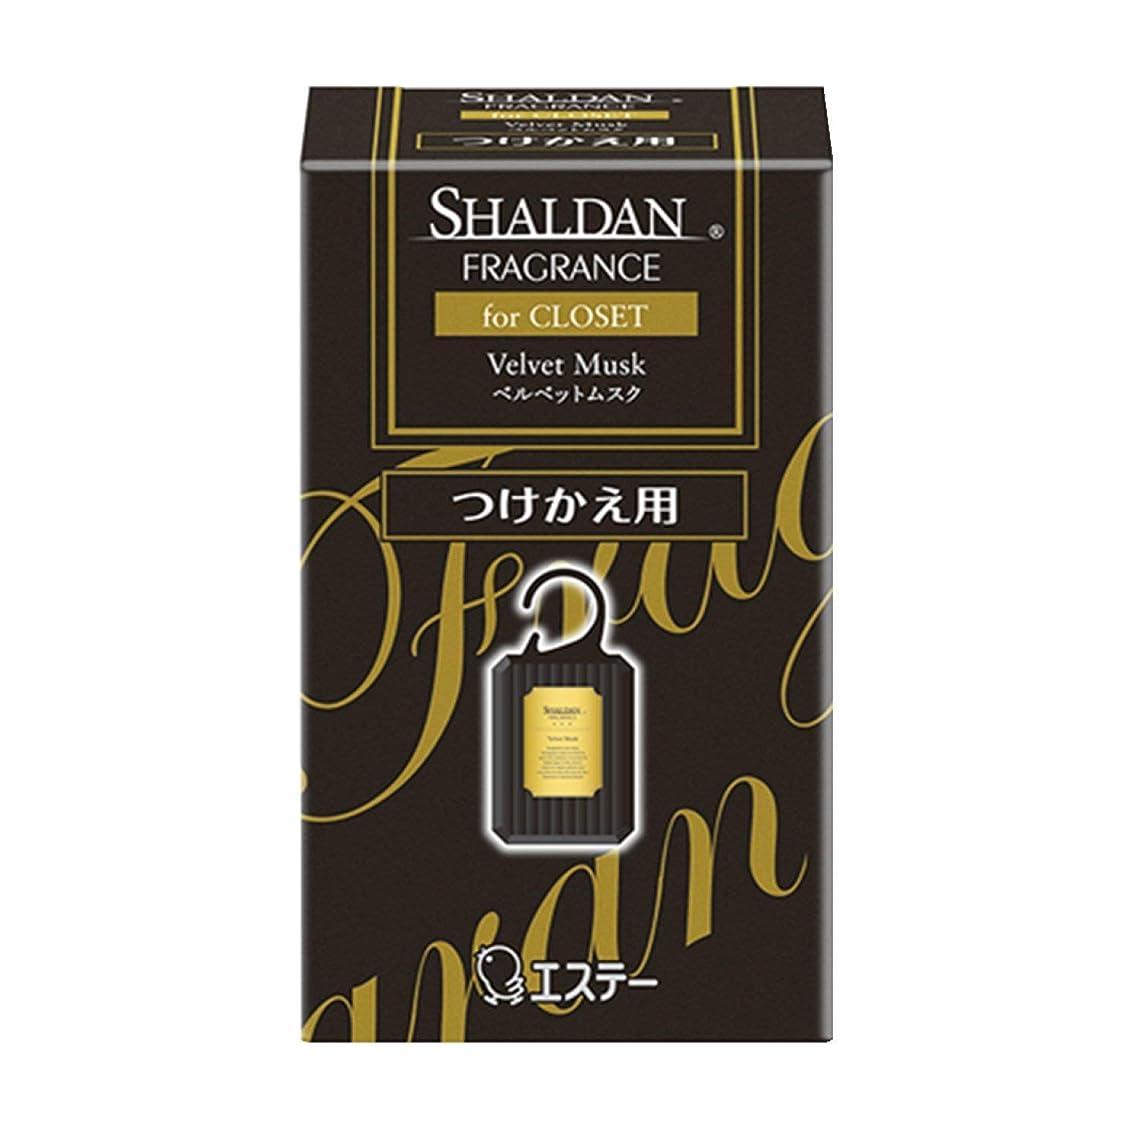 感嘆に勝る切手シャルダン SHALDAN フレグランス for CLOSET 芳香剤 クローゼット用 つけかえ ベルベットムスク 30g